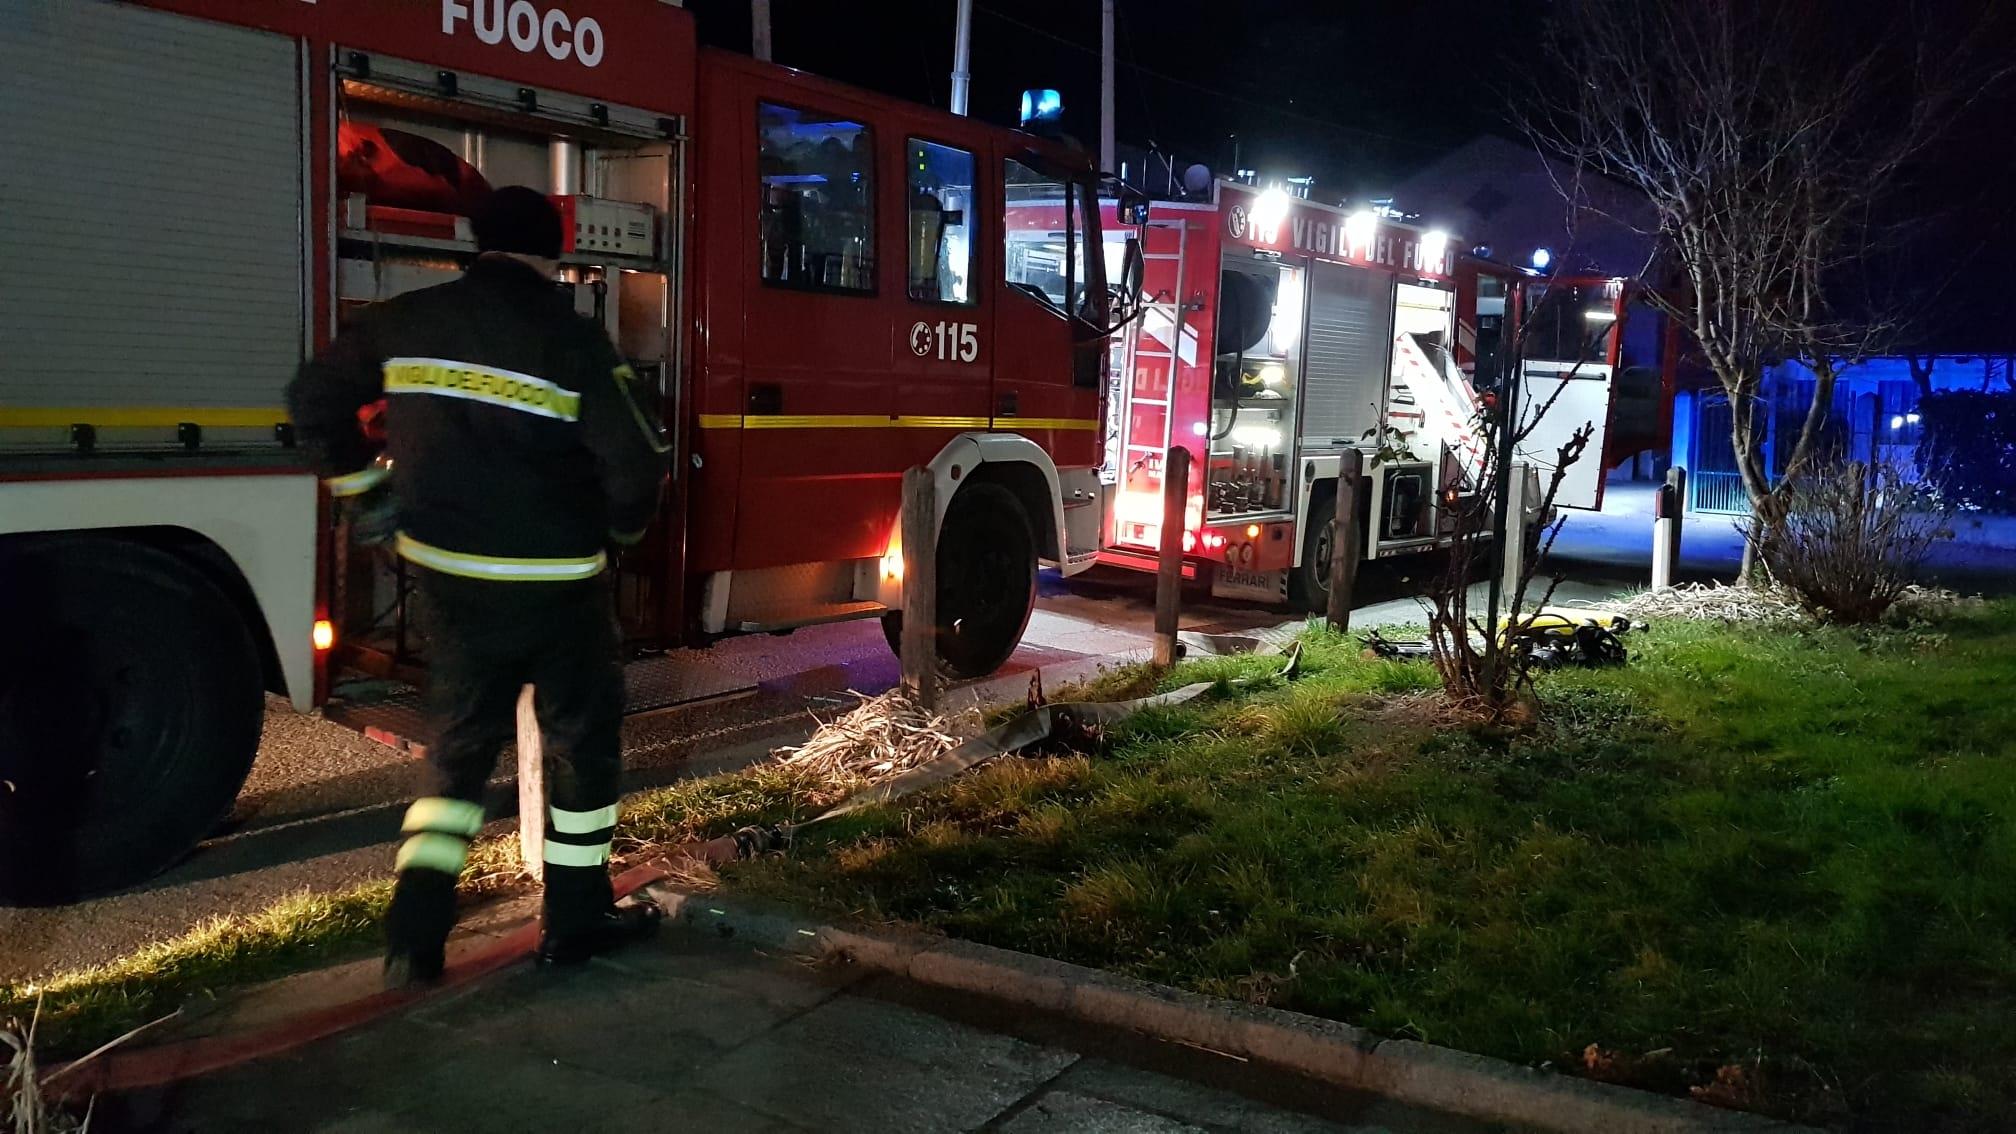 TRAGEDIA A CUORGNE' - Pensionato 71enne morto nell'incendio della propria abitazione: inutili tutti i soccorsi - FOTO e VIDEO